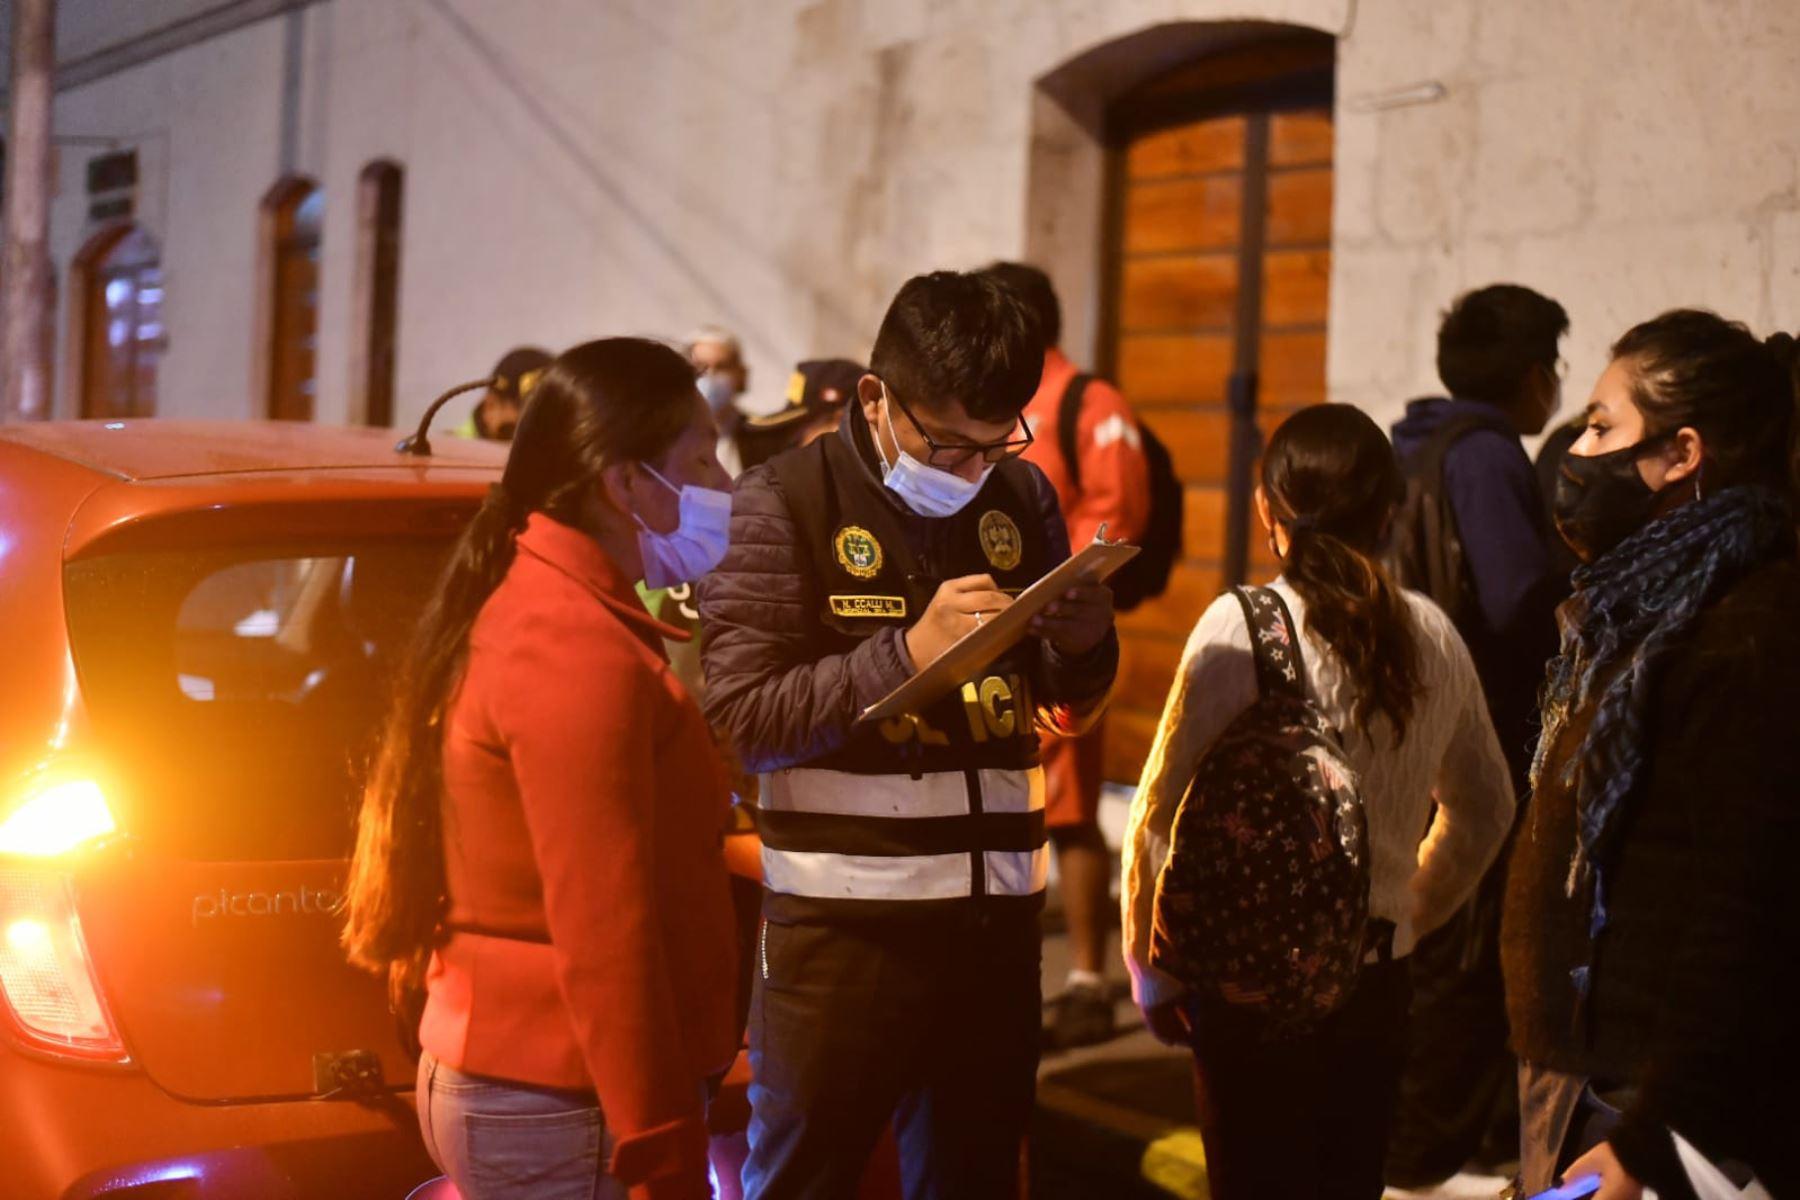 Policía Nacional resguarda  las calles en la ciudad de Arequipa debido al toque de queda que rige desde hoy viernes 15 de enero,  desde las 21:00 hasta las 04:00 horas en Lima Metropolitana y el Callao. Esta medida busca frenar  los nuevos contagios ante la  segunda ola del covid-19. Foto: Cortesía Diego Ramos